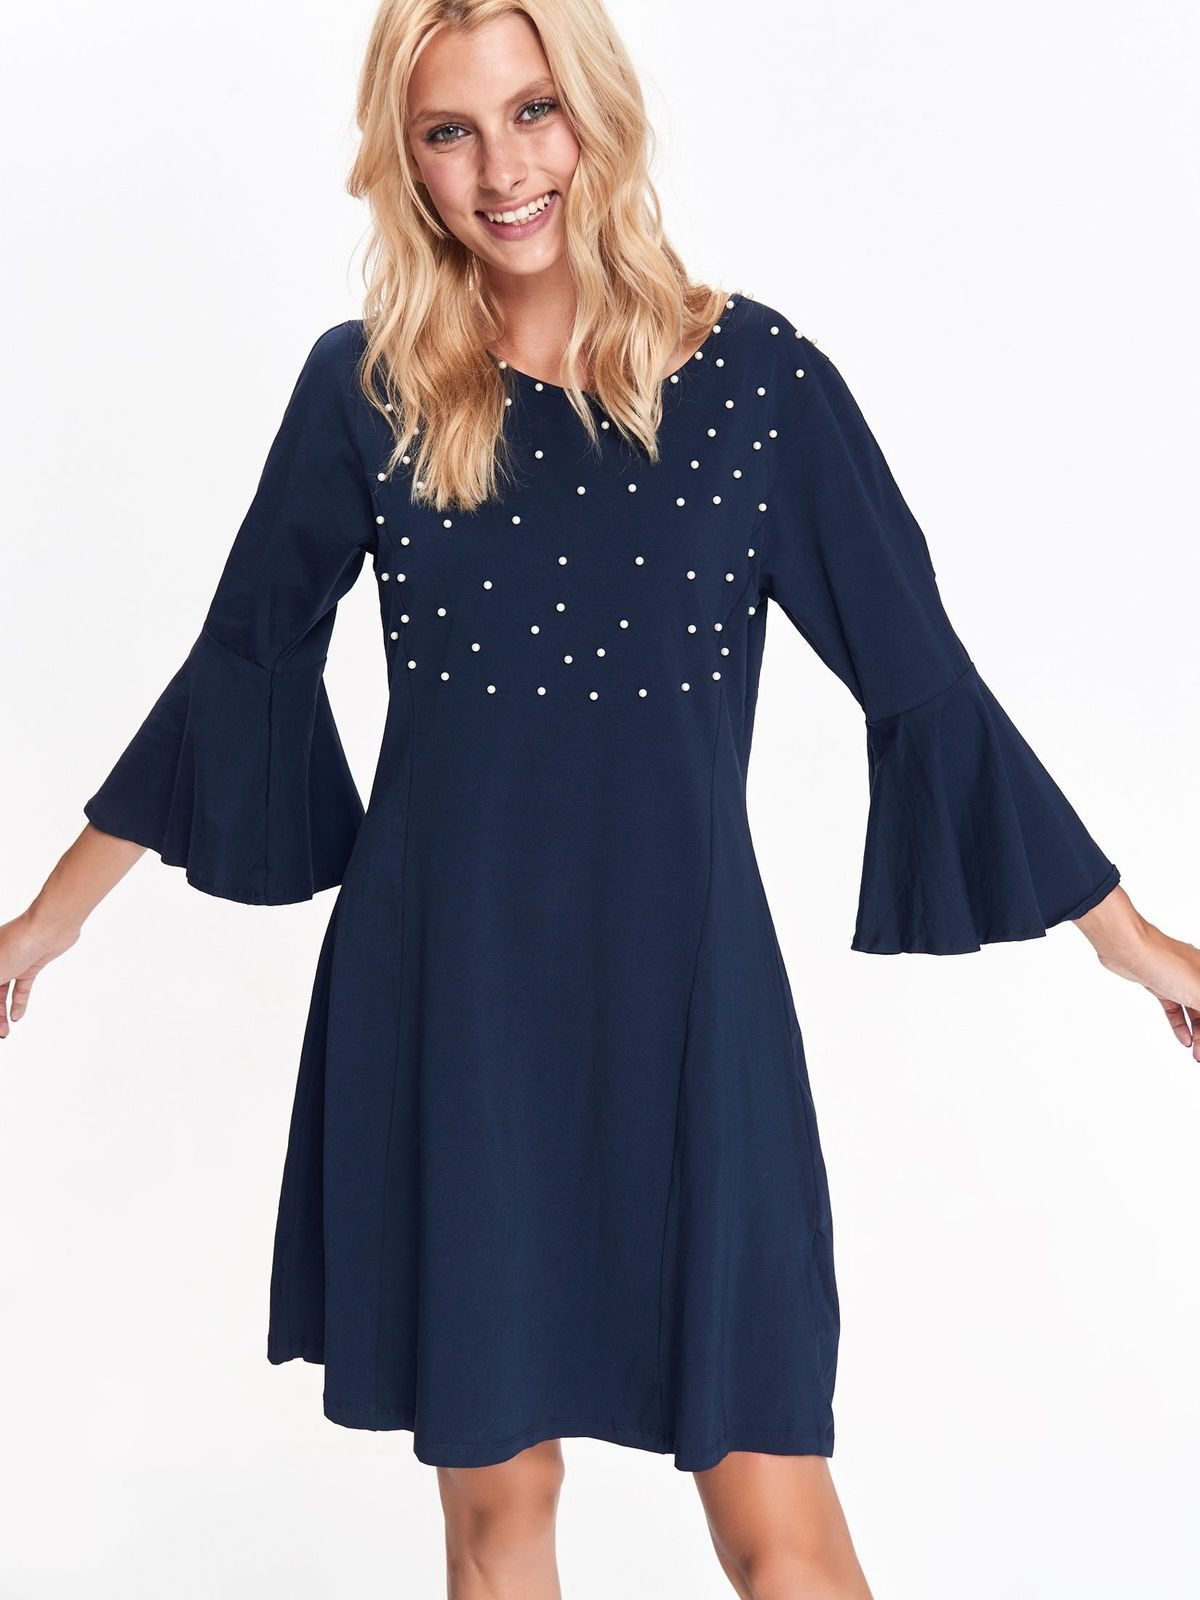 df56e232507e Šaty modré s bielymi guličkami a zvonovými rukávmi